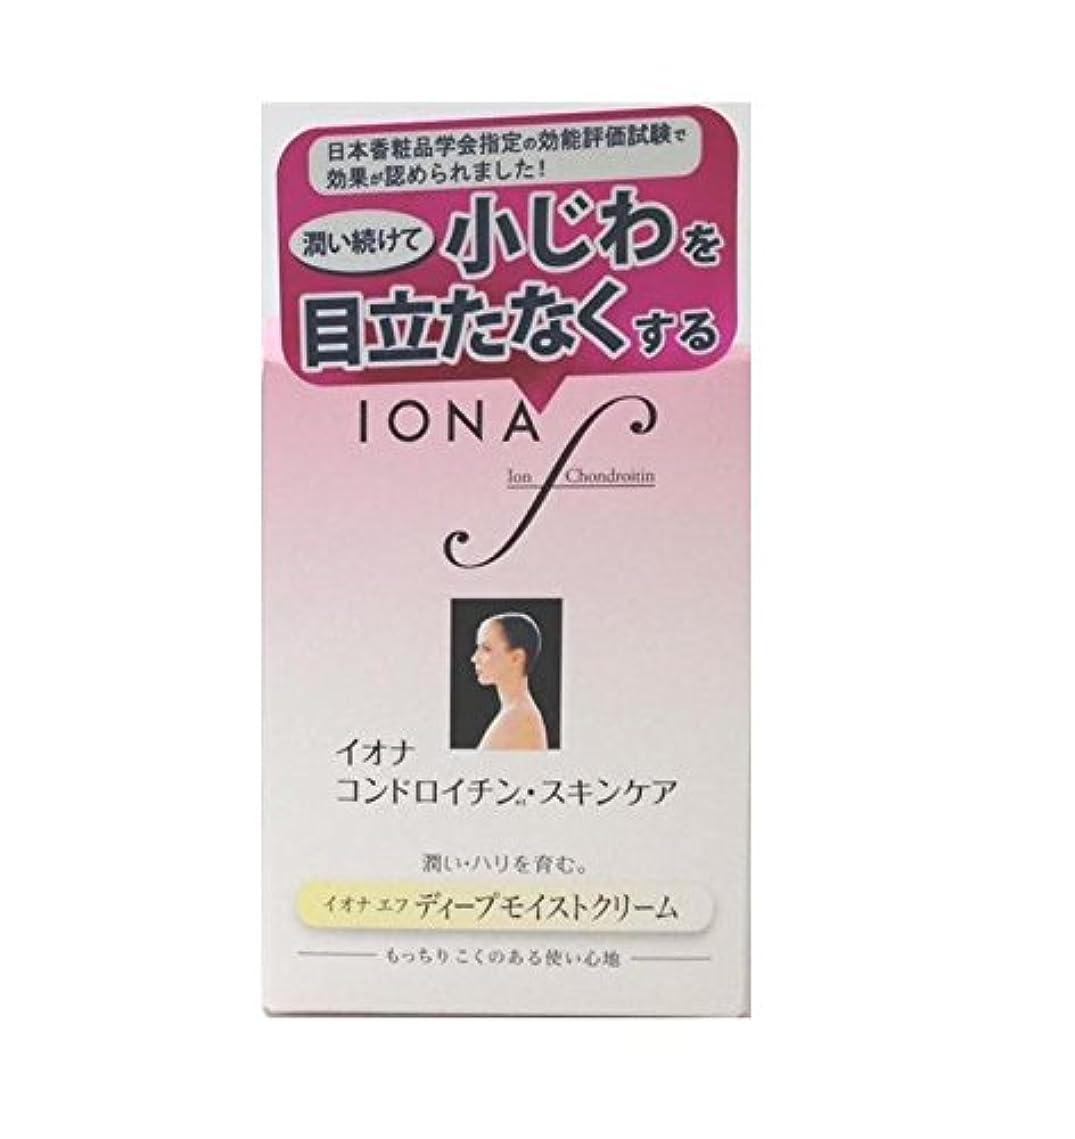 IONA f クリーム 54g ディープモイストタイプ (約90日分)